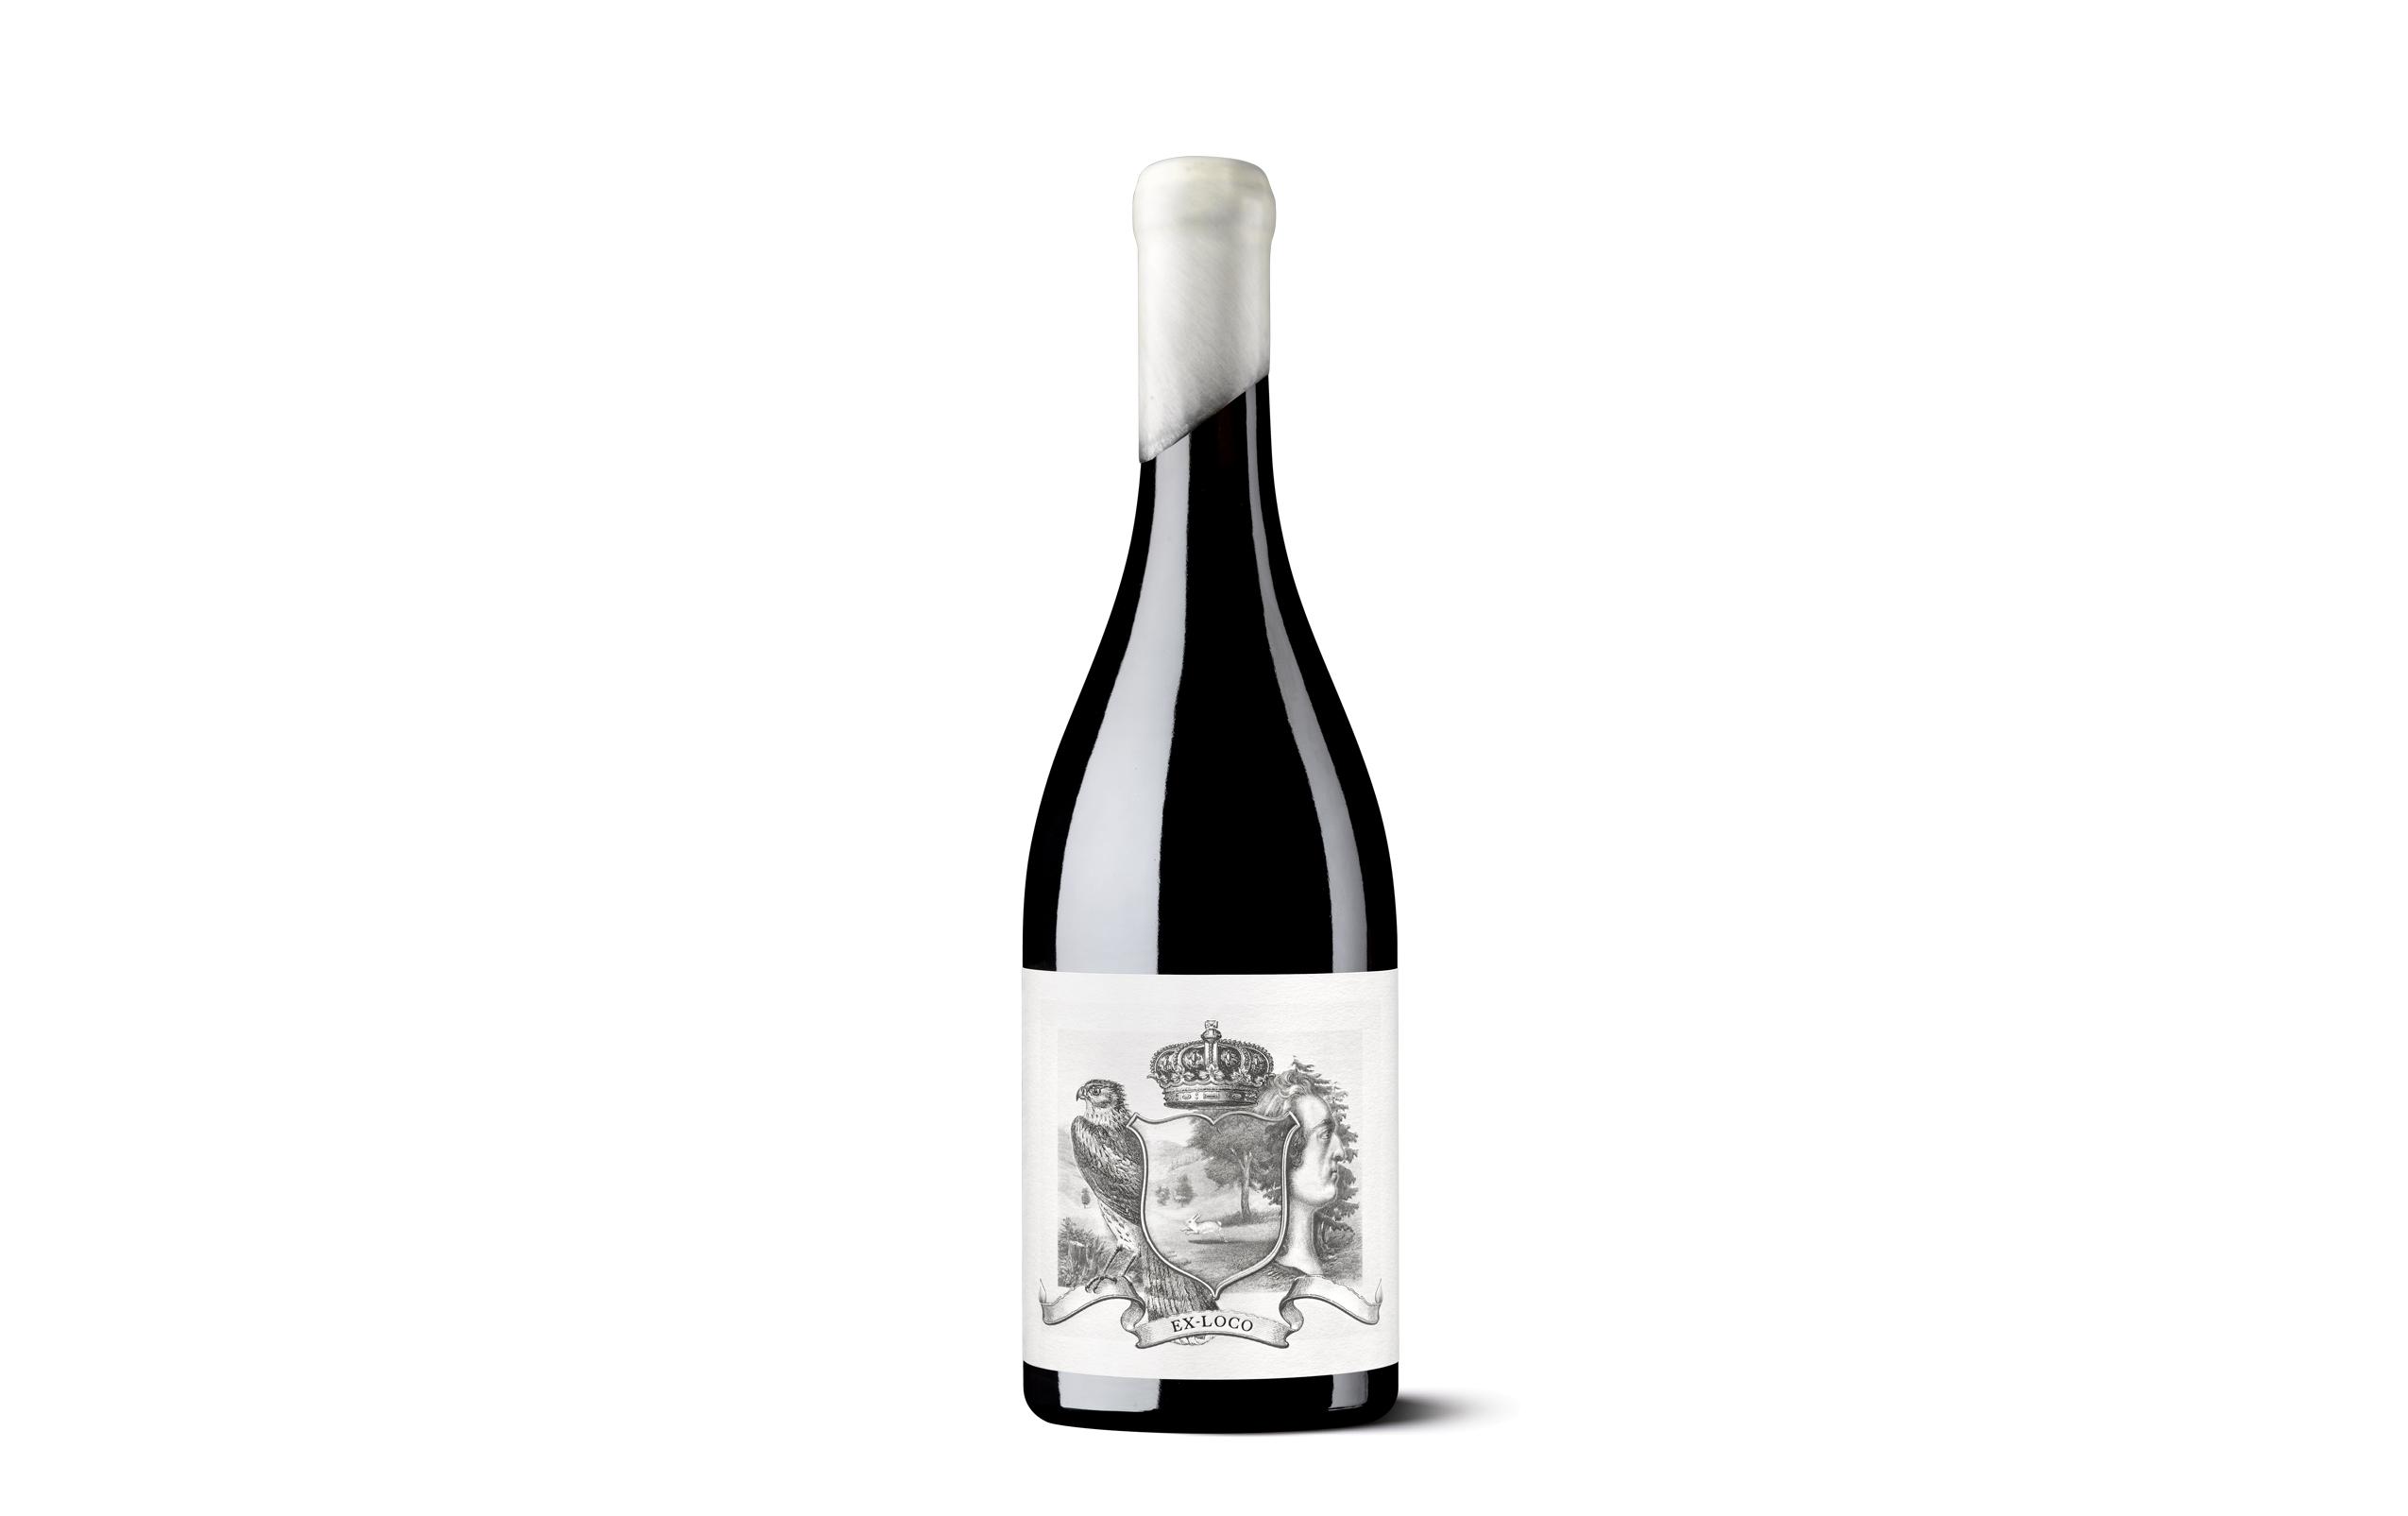 Etiqueta Ex-Loco para packaging de vino